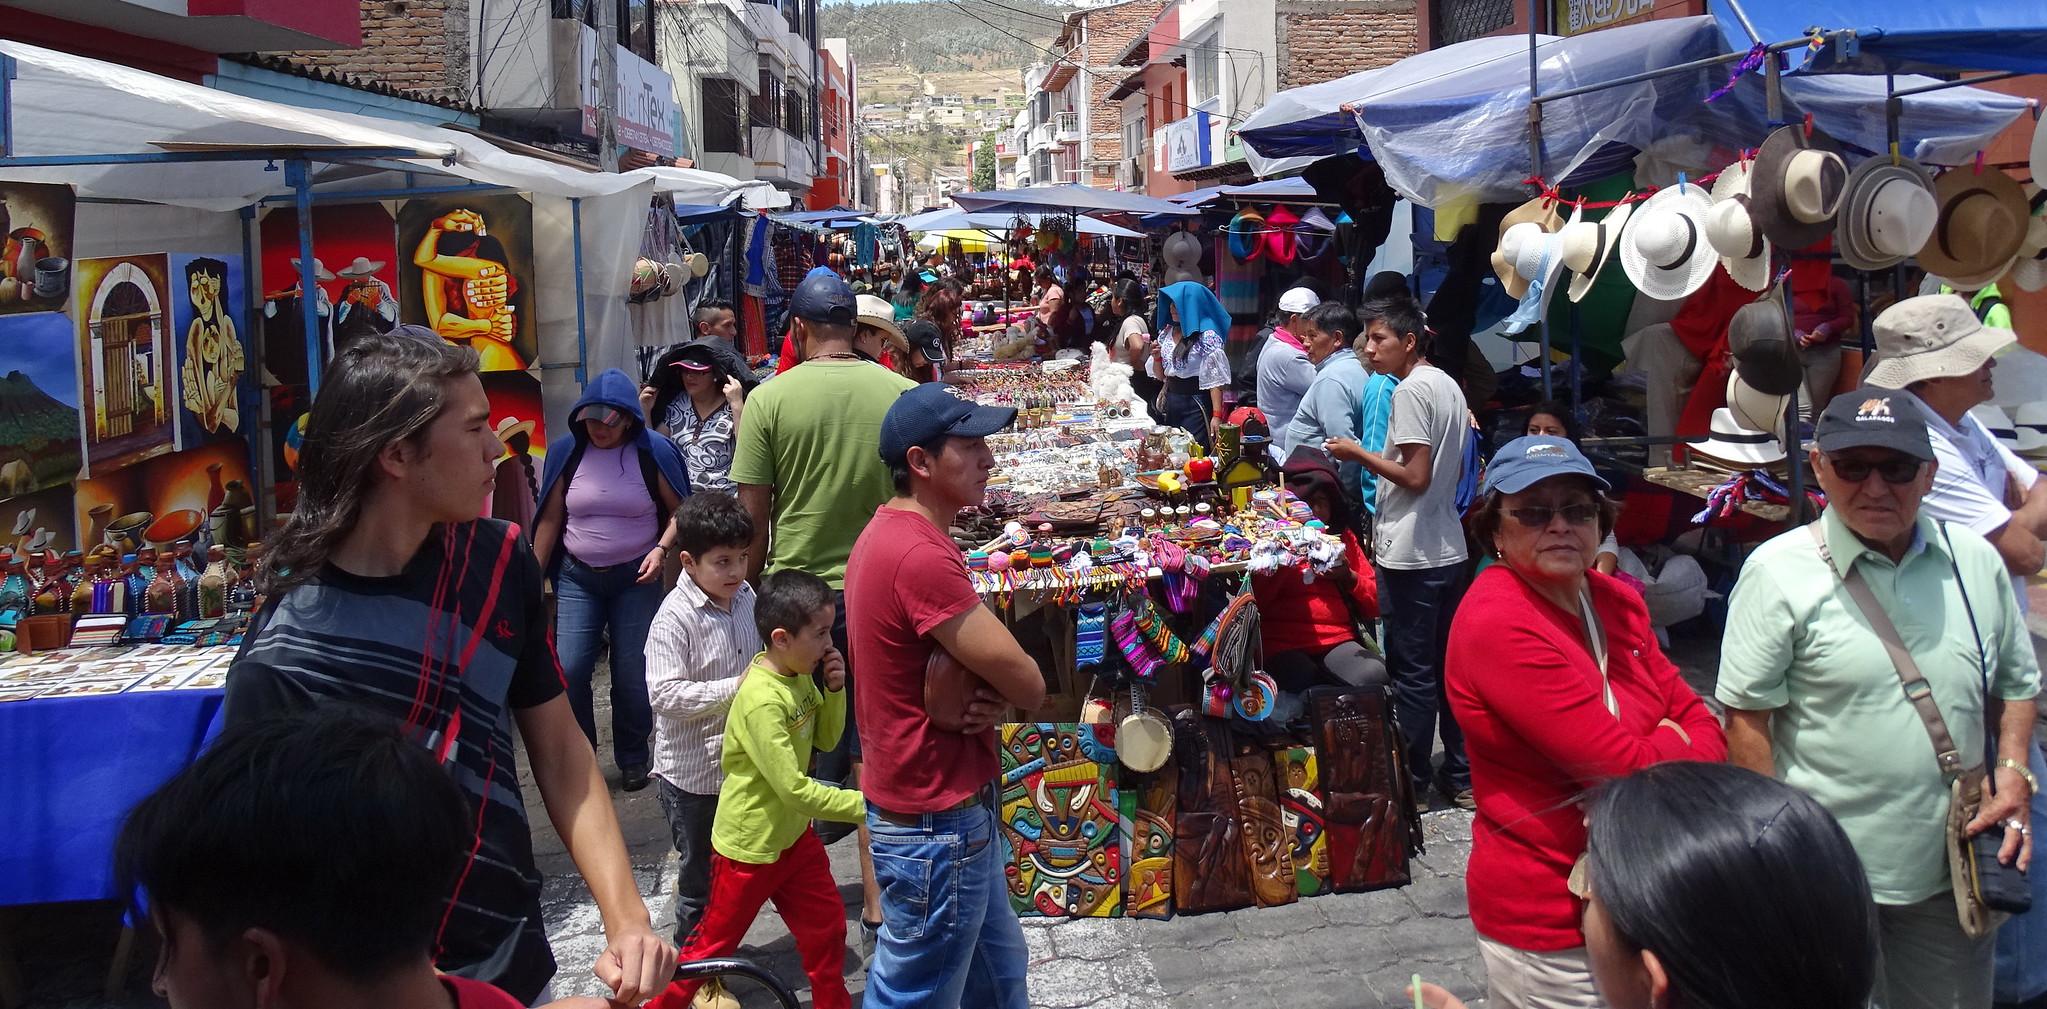 Mercado en la calle en Otavalo Ecuador